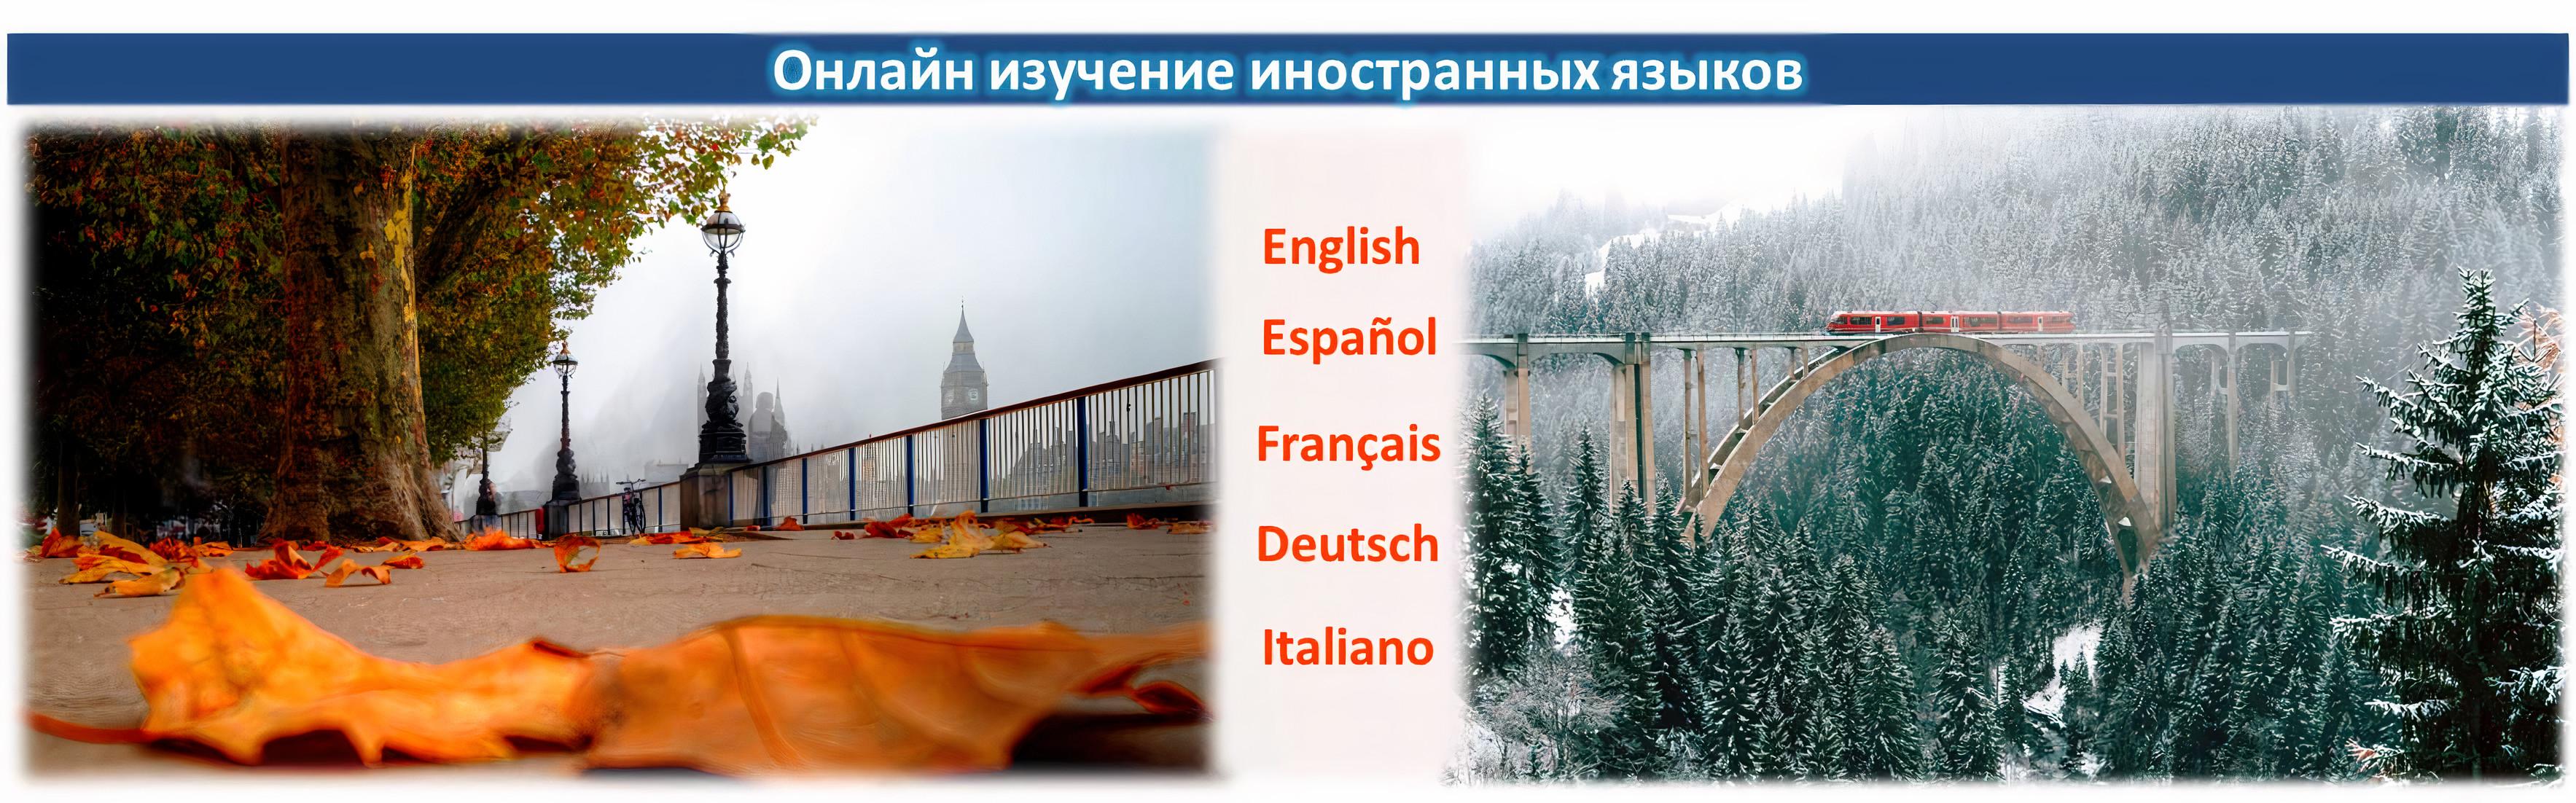 Онлайн изучения языков в международных школах мира